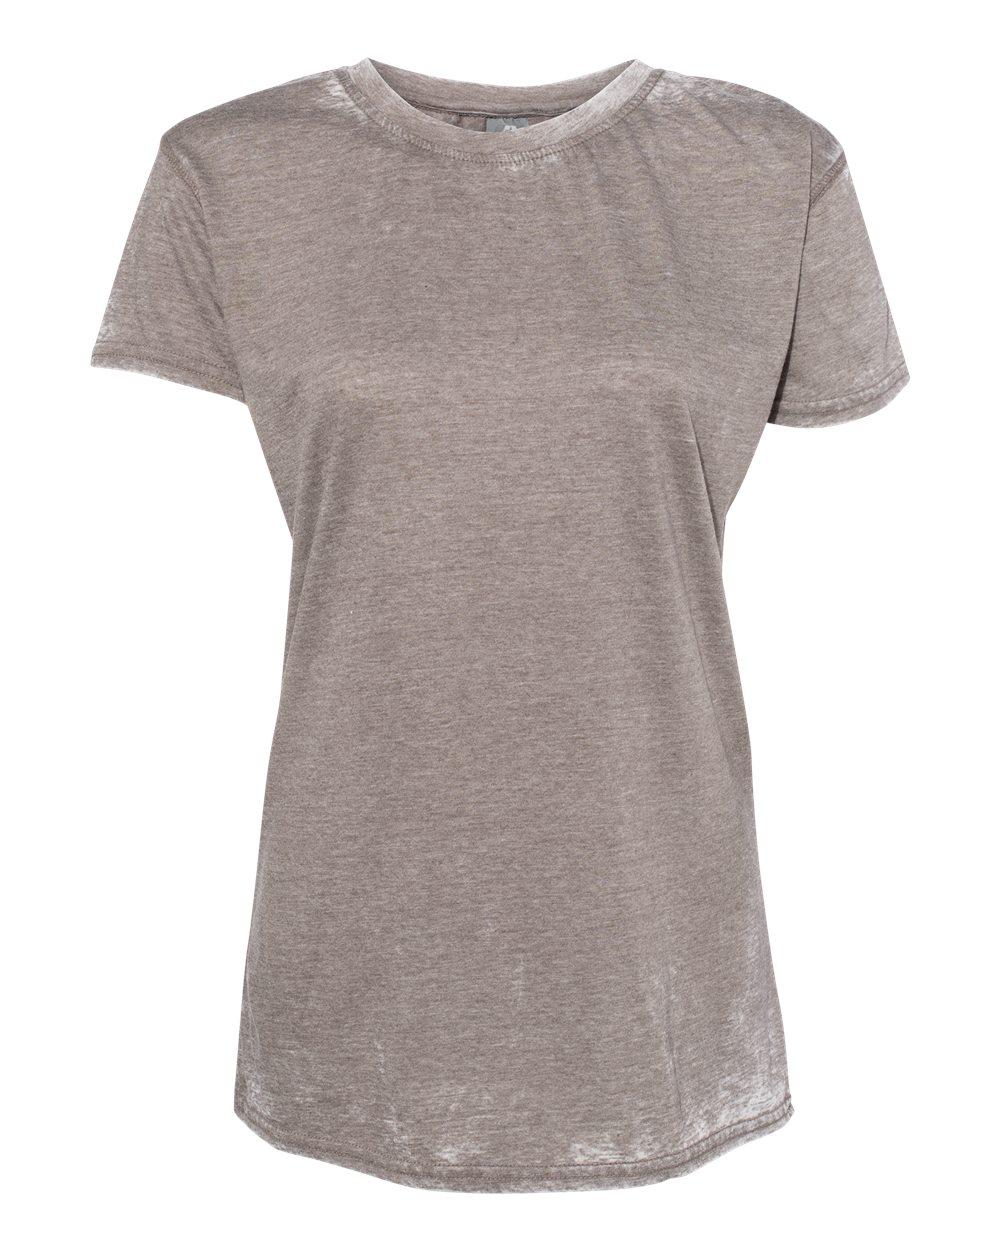 J. America - 8116 - Women's Zen Jersey Short Sleeve T-Shirt